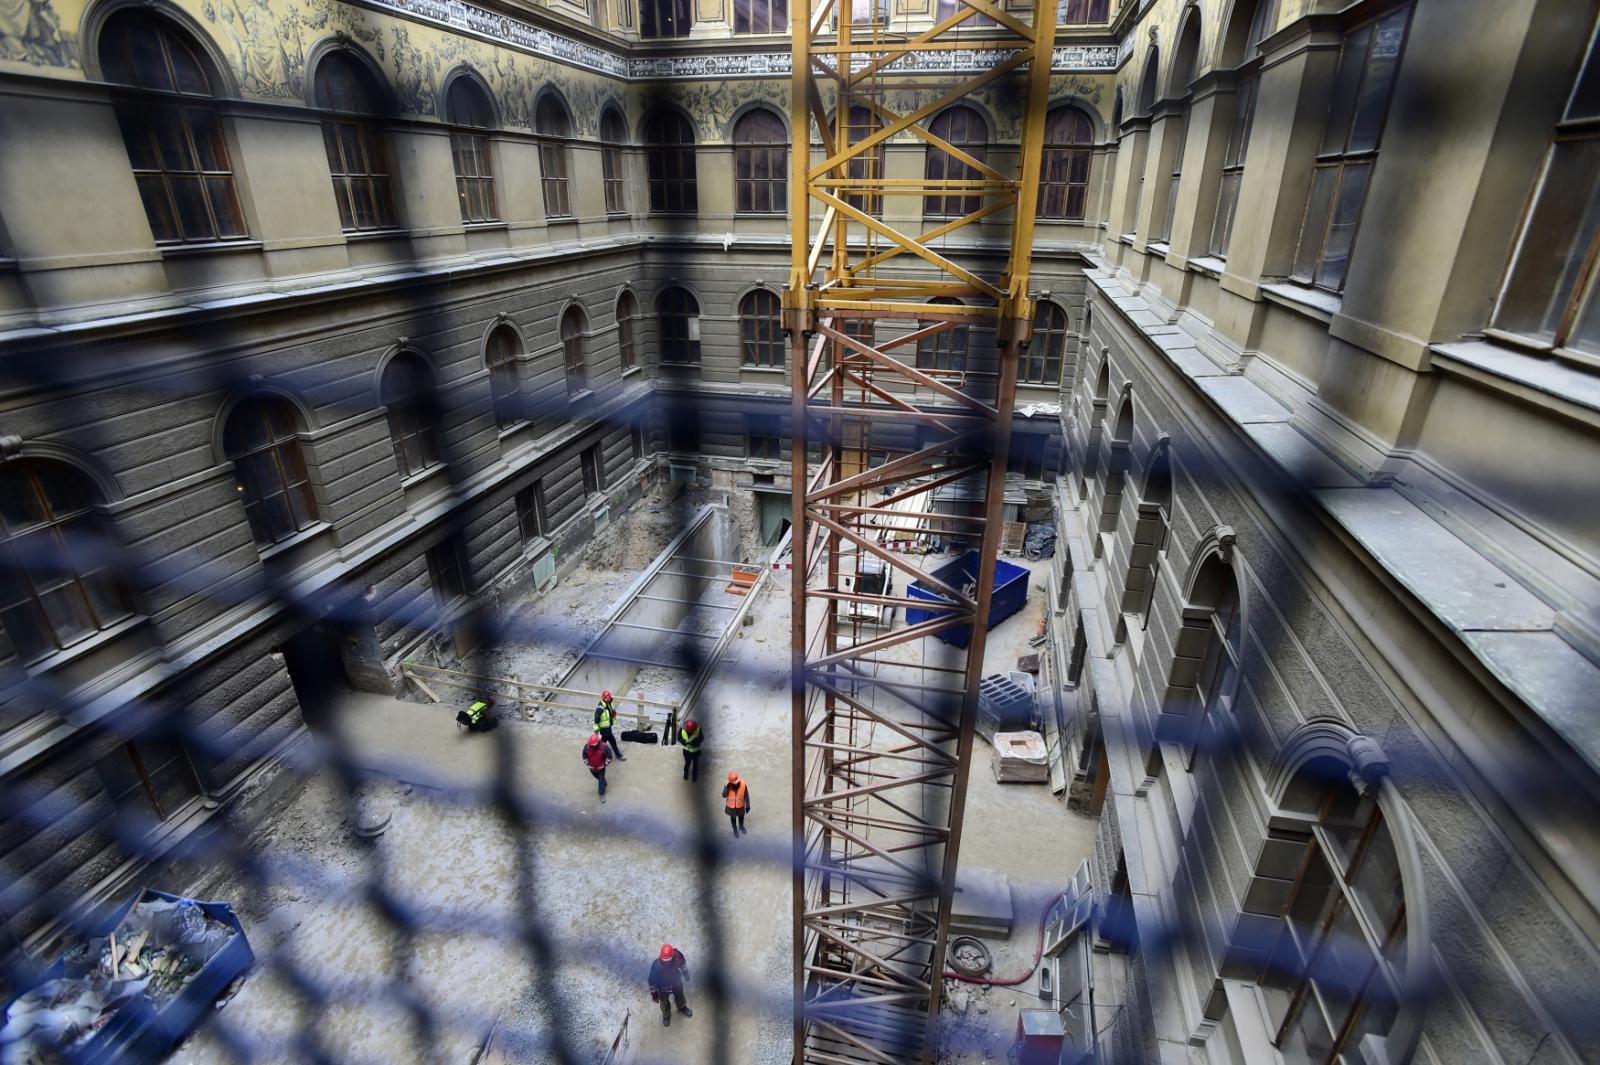 Opravy Národního muzea